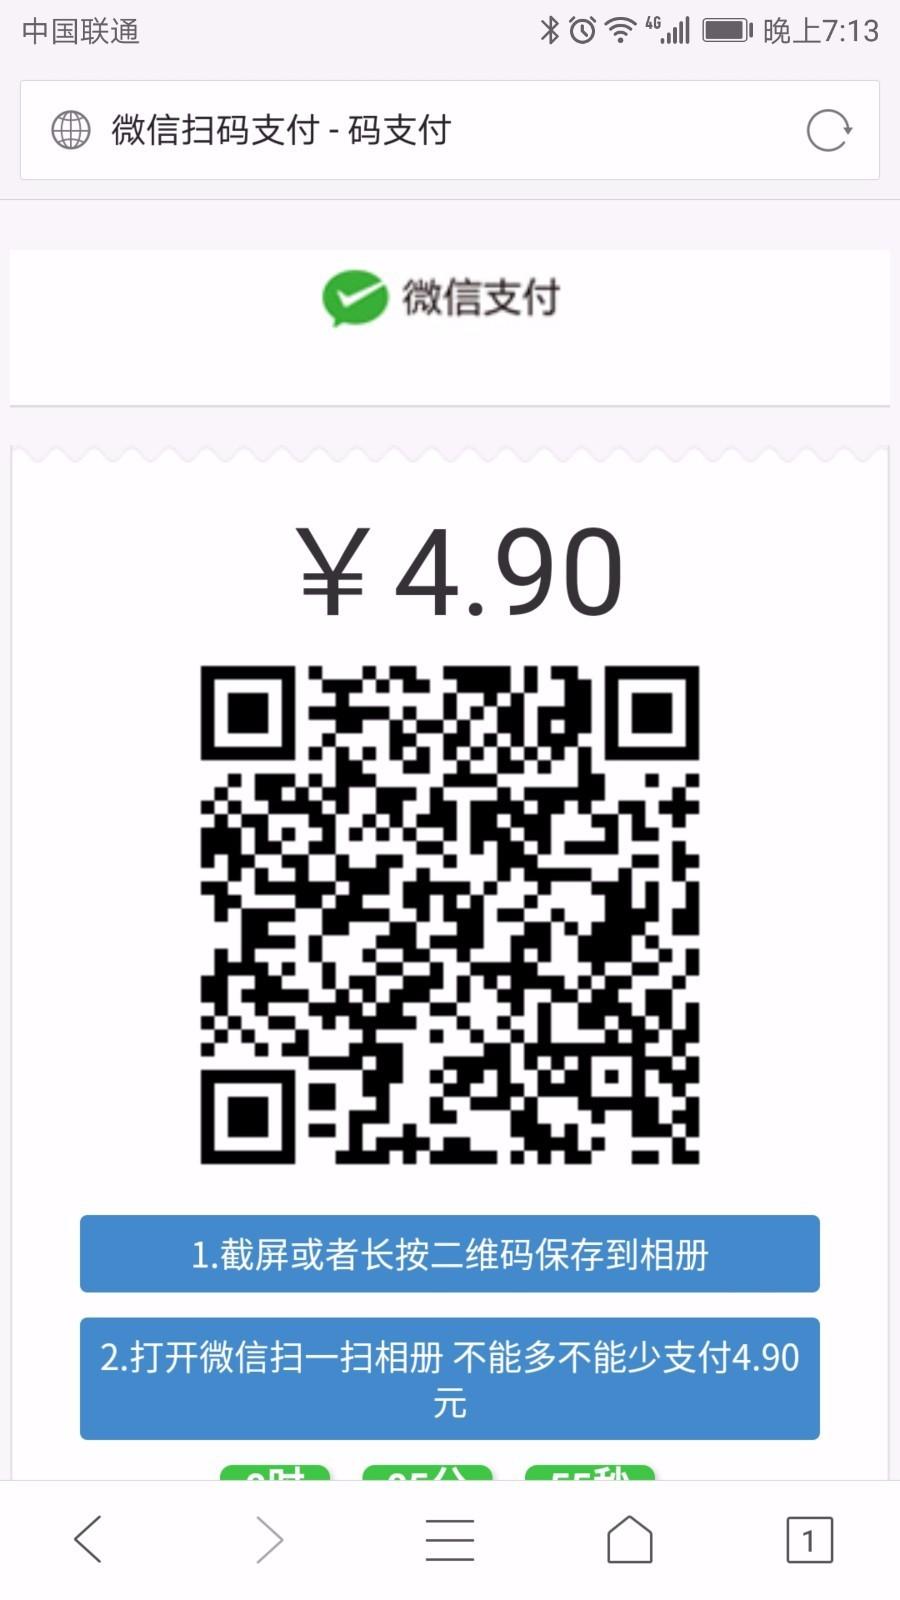 最新微信付费进群收费进群系统源码微信收费入群